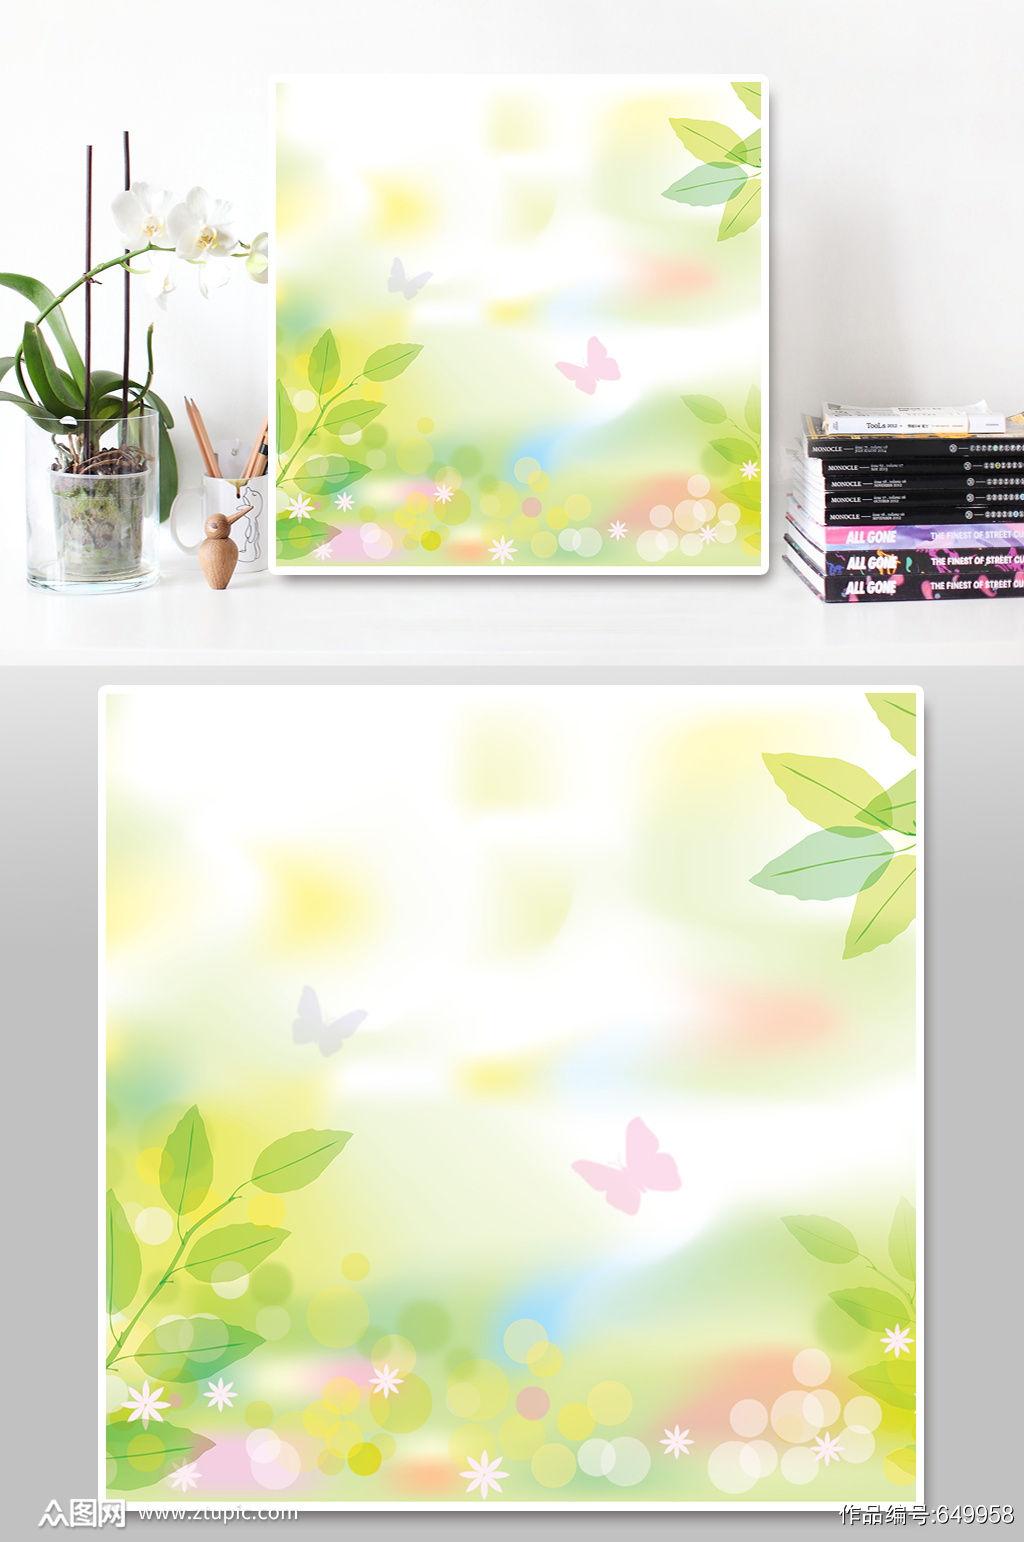 春季清新水彩绿色植物背景素材